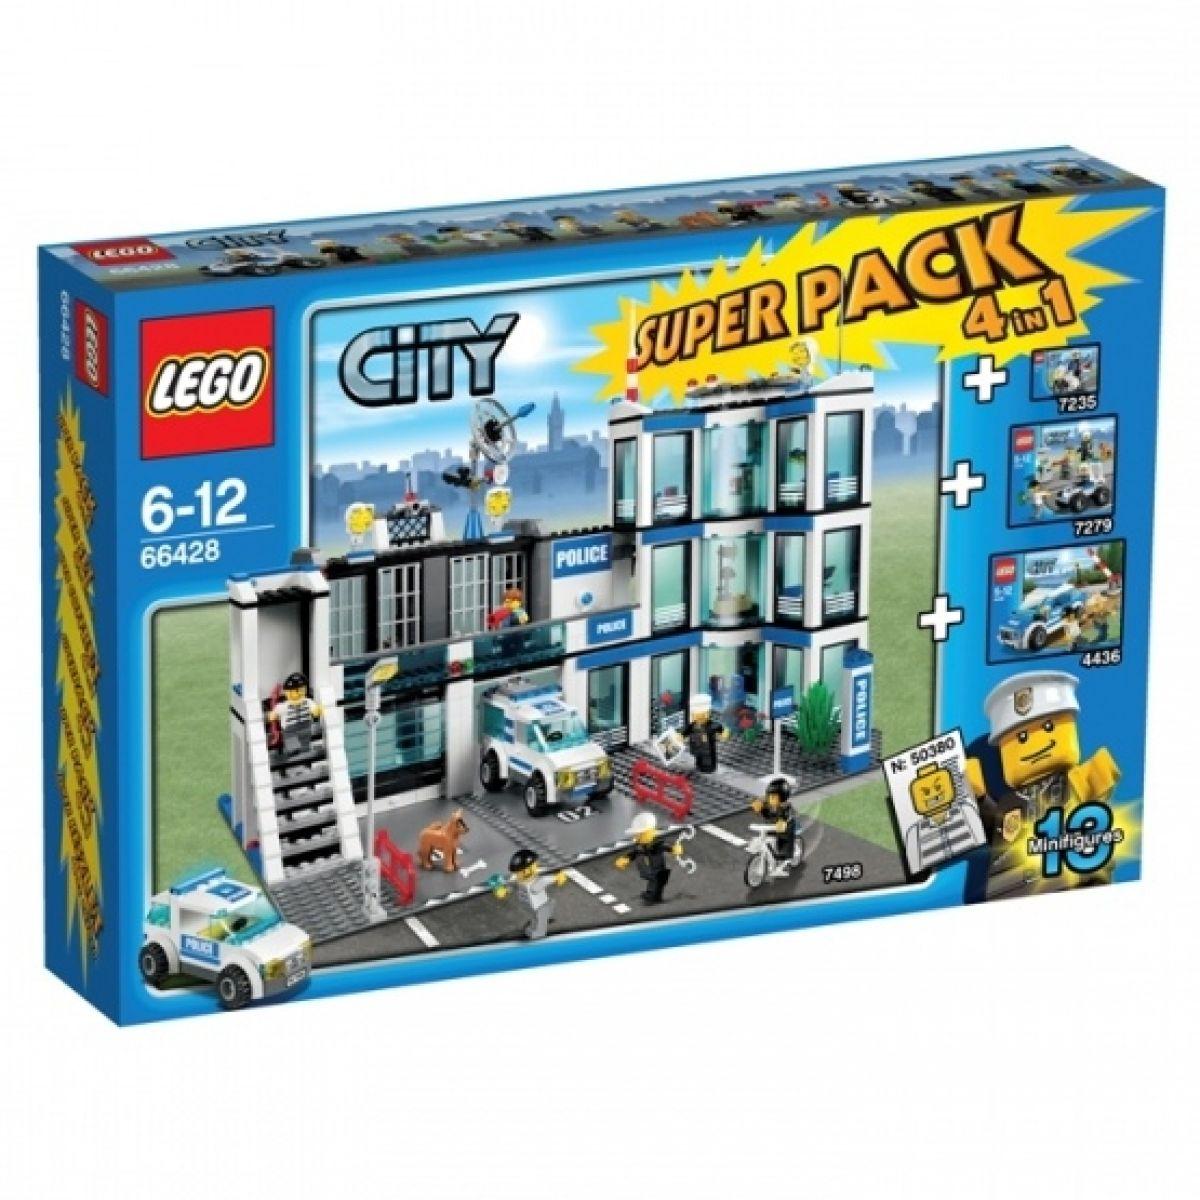 LEGO City 66428 Super Pack Policie 4v1